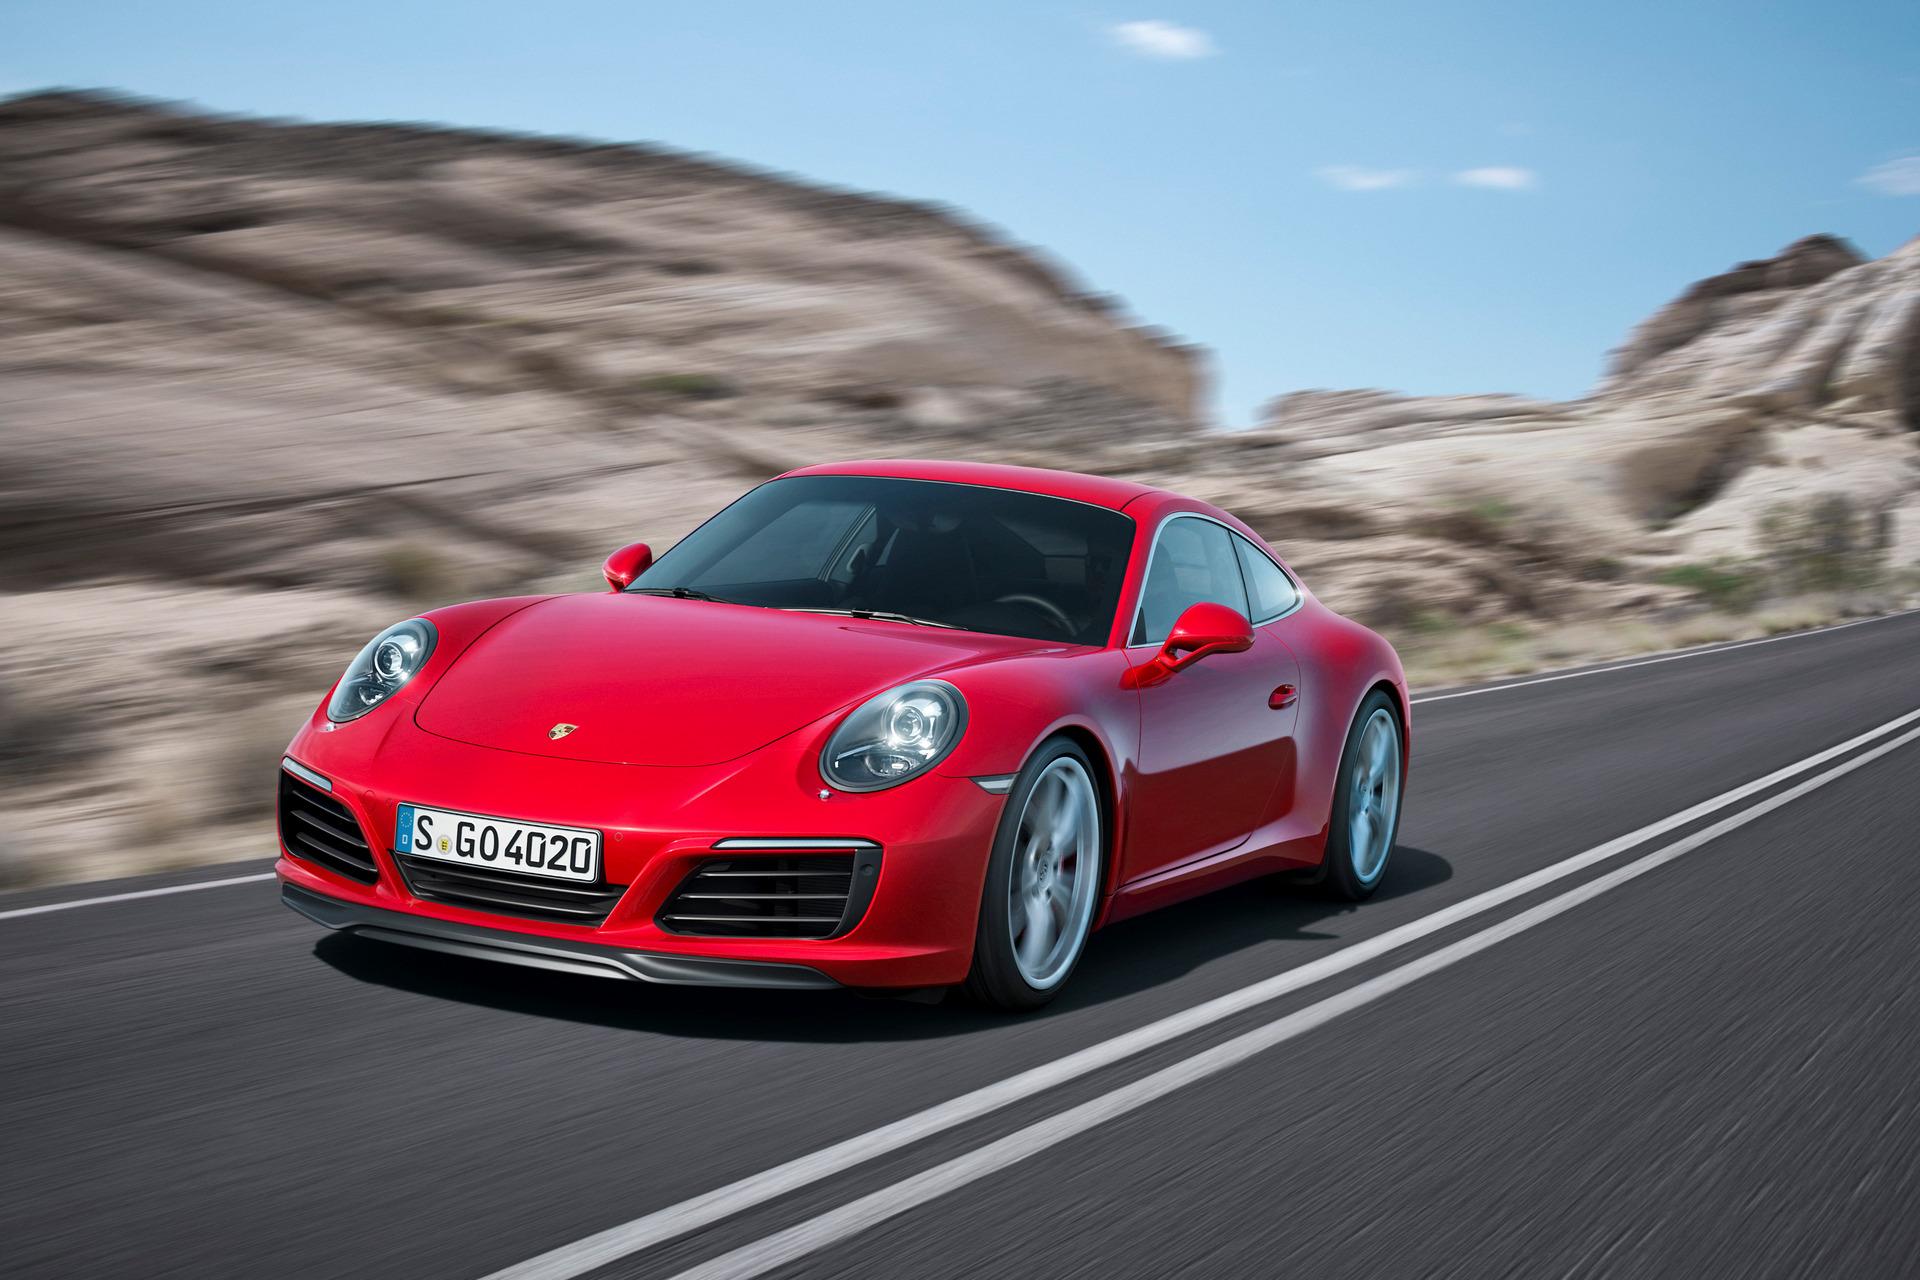 Porsche 911 © Dr. Ing. h.c. F. Porsche AG